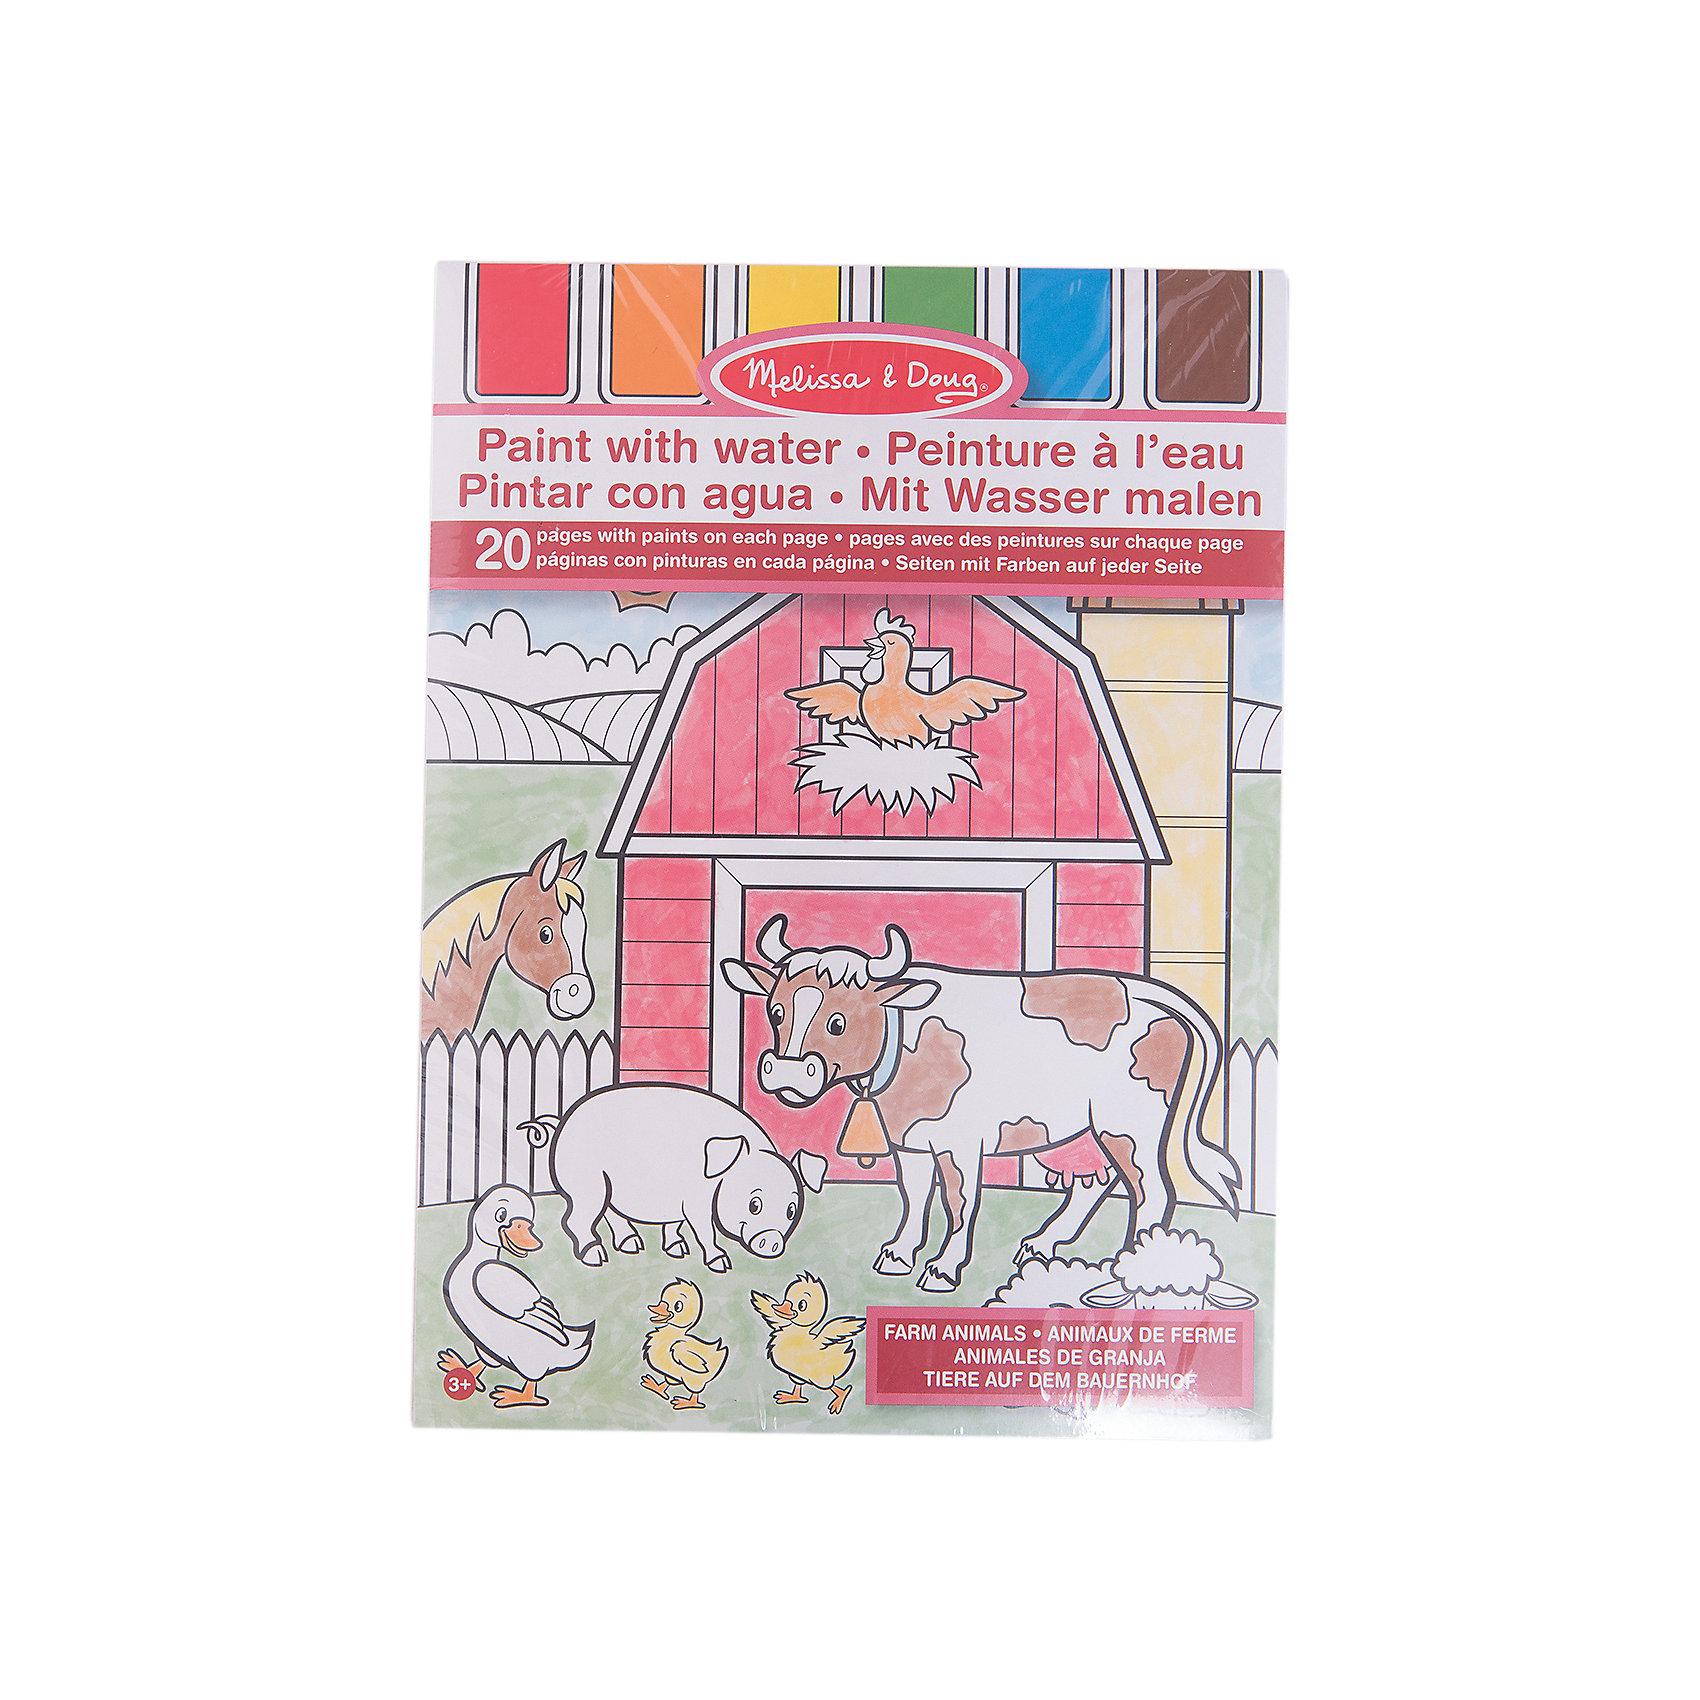 Рисуем водой Ферма, Melissa &amp; DougС необычным набором Рисуем водой Ферма, Melissa &amp; Doug (Мелисса и Даг) ребенок научится рисовать и познакомится с обитателями сельской местности. На 20 картинках, которые предстоит раскрасить ребенку, изображены обитатели фермы: курочка с цыплятками, корова с телёночком, лошадка с жеребёнком и многие другие. Вверху каждой страницы расположена цветовая палитра, на которую нужно добавить немного воды, и можно начинать творить кисточкой. По мере того, как рисунок-заготовка будет намокать, на нем будут проявляться разные цвета. Закончив рисунок, просушите его, отрежьте палитру с красками, и можно украсить рисунками свою комнату или подарить. Такой развивающий набор улучшает художественные и творческие навыки, помогает развивать мелкую моторику и готовит ребенка к письму.  <br><br>Комплектация: 20 страниц из плотной бумаги с рисунками, кисть<br><br>Дополнительная информация:<br>-Материал: картон, дерево, ПВХ<br>-Вес: 0,3 кг<br>-Размер раскраски: 29х21 см<br><br>Раскраску «Ферма» удобно брать в путешествия, чтобы ребенок мог весело проводить время и не пачкаться краской.<br><br>Рисуем водой Ферма, Melissa &amp; Doug (Мелисса и Даг) можно купить в нашем магазине.<br><br>Ширина мм: 210<br>Глубина мм: 210<br>Высота мм: 290<br>Вес г: 210<br>Возраст от месяцев: 36<br>Возраст до месяцев: 180<br>Пол: Унисекс<br>Возраст: Детский<br>SKU: 4008271